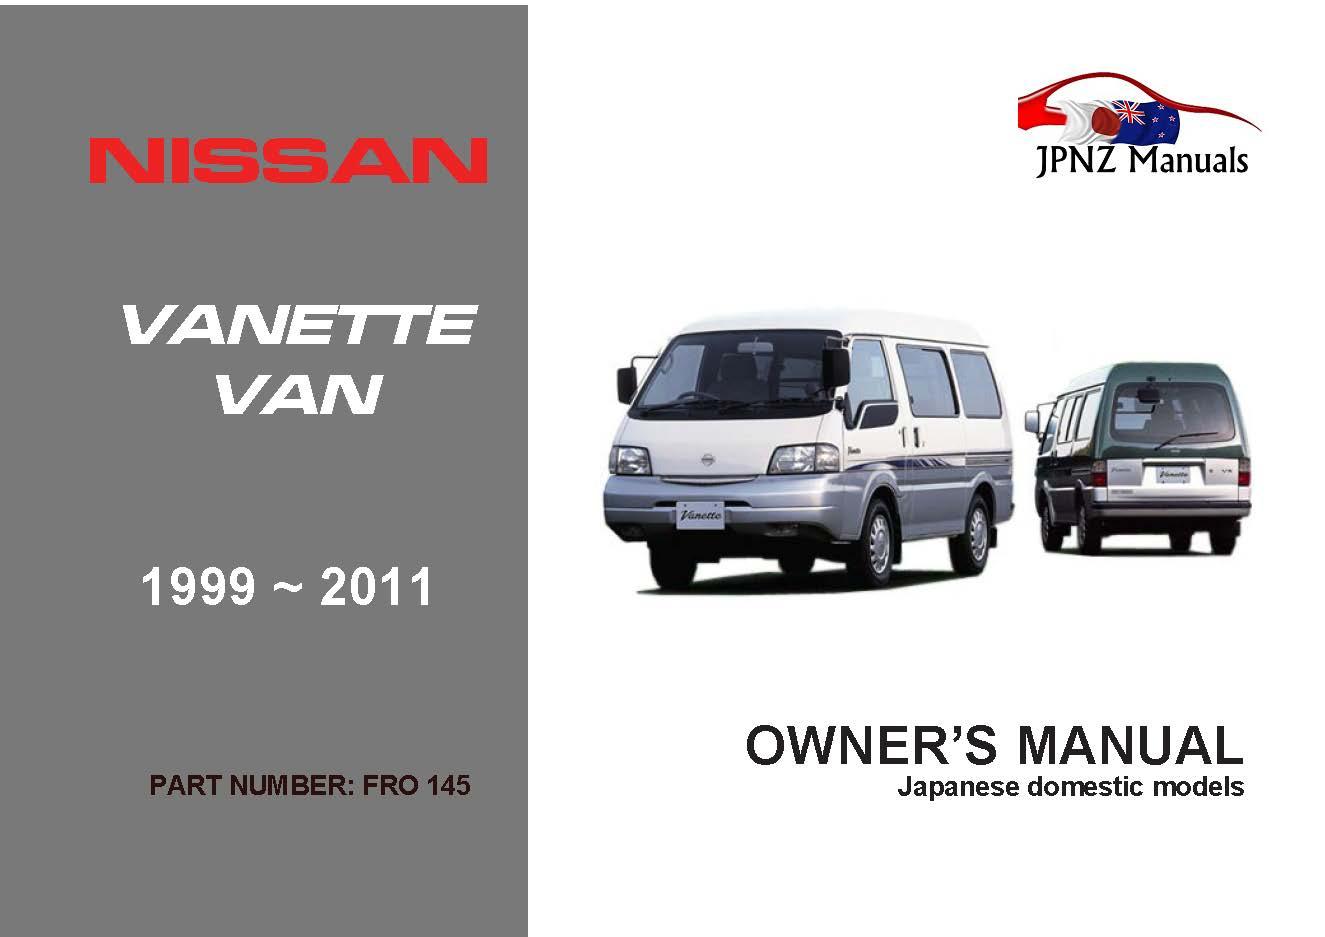 nissan vanette van car owners manual 1999 onwards sk rh jpnz co nz Nissan Vanette 1988 2006 Nissan Vanette